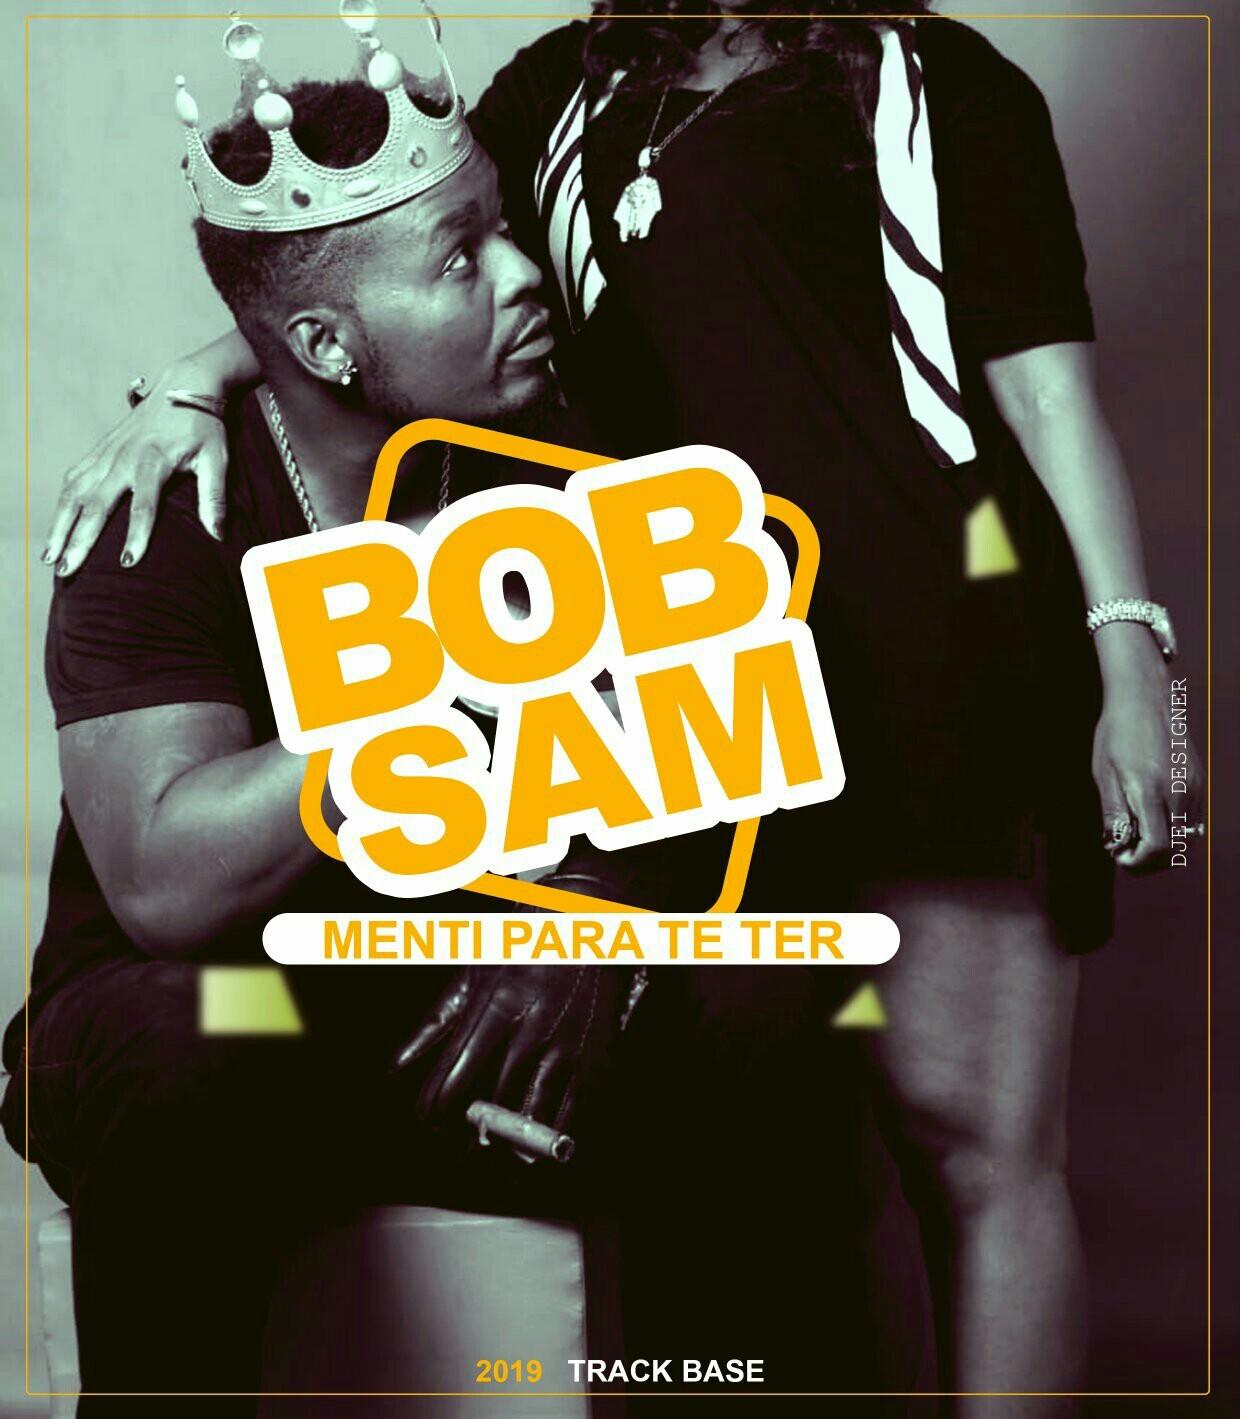 Bob Sam Menti Pra Te Ter BAIXAR MUSICA